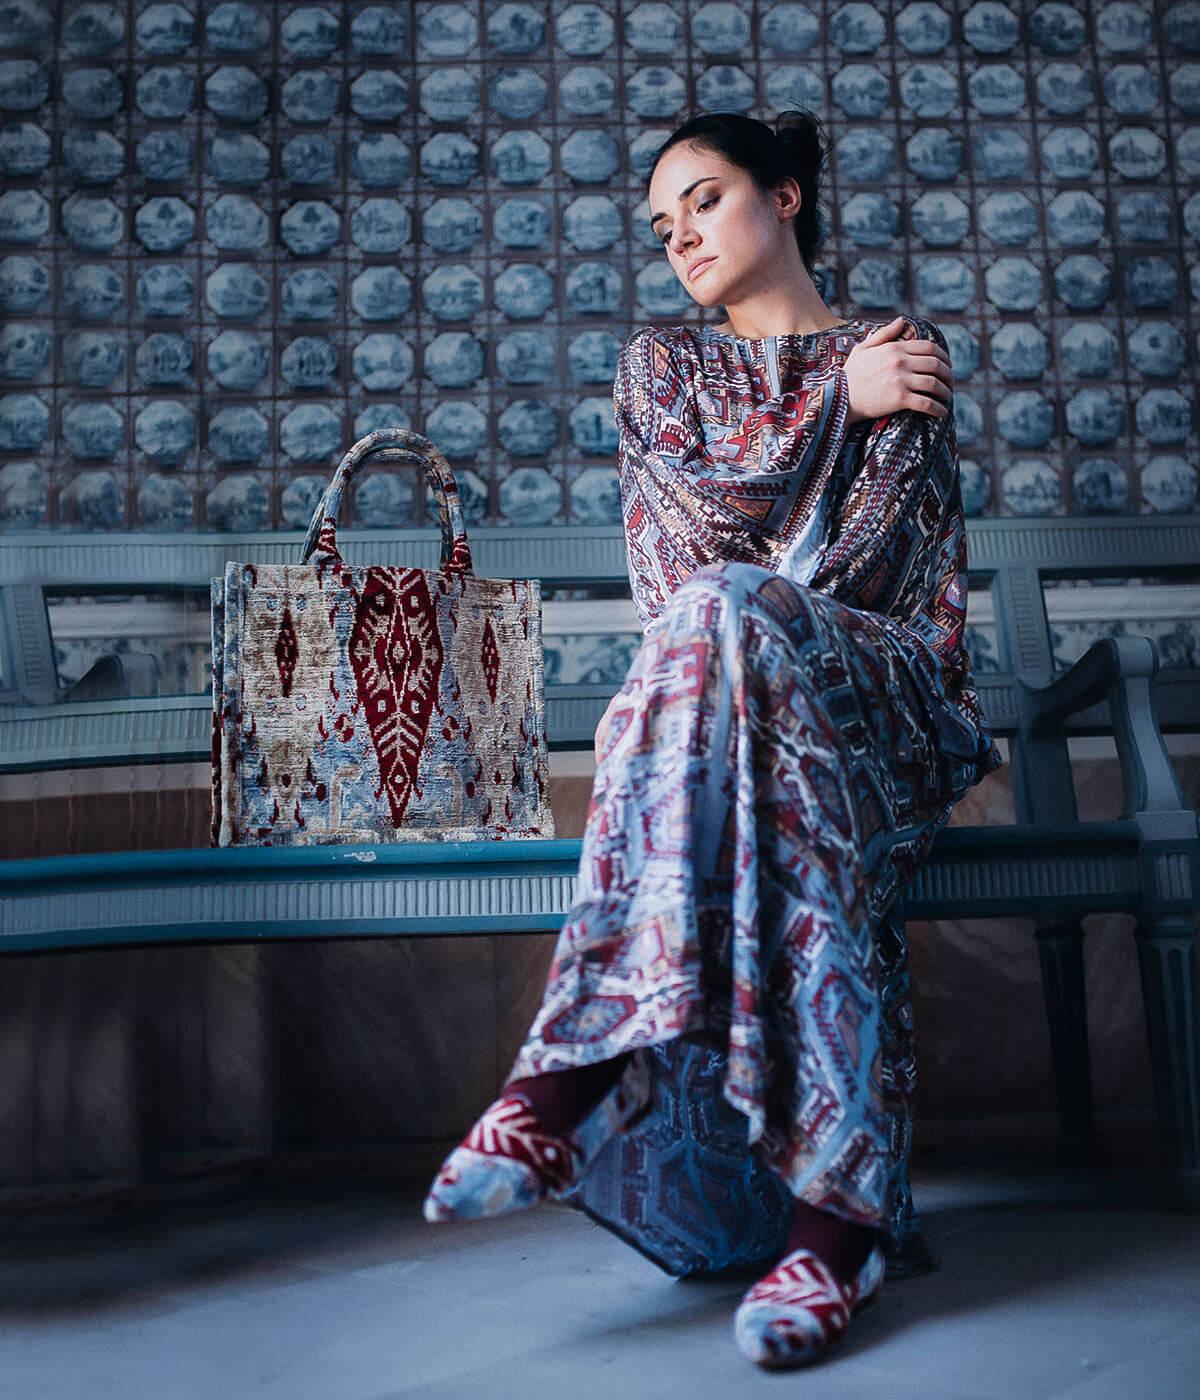 junge Frau sitzt auf einer Bank mit einer gemusterten Tote bag und Maxi Kleid mit armenischen Mustern